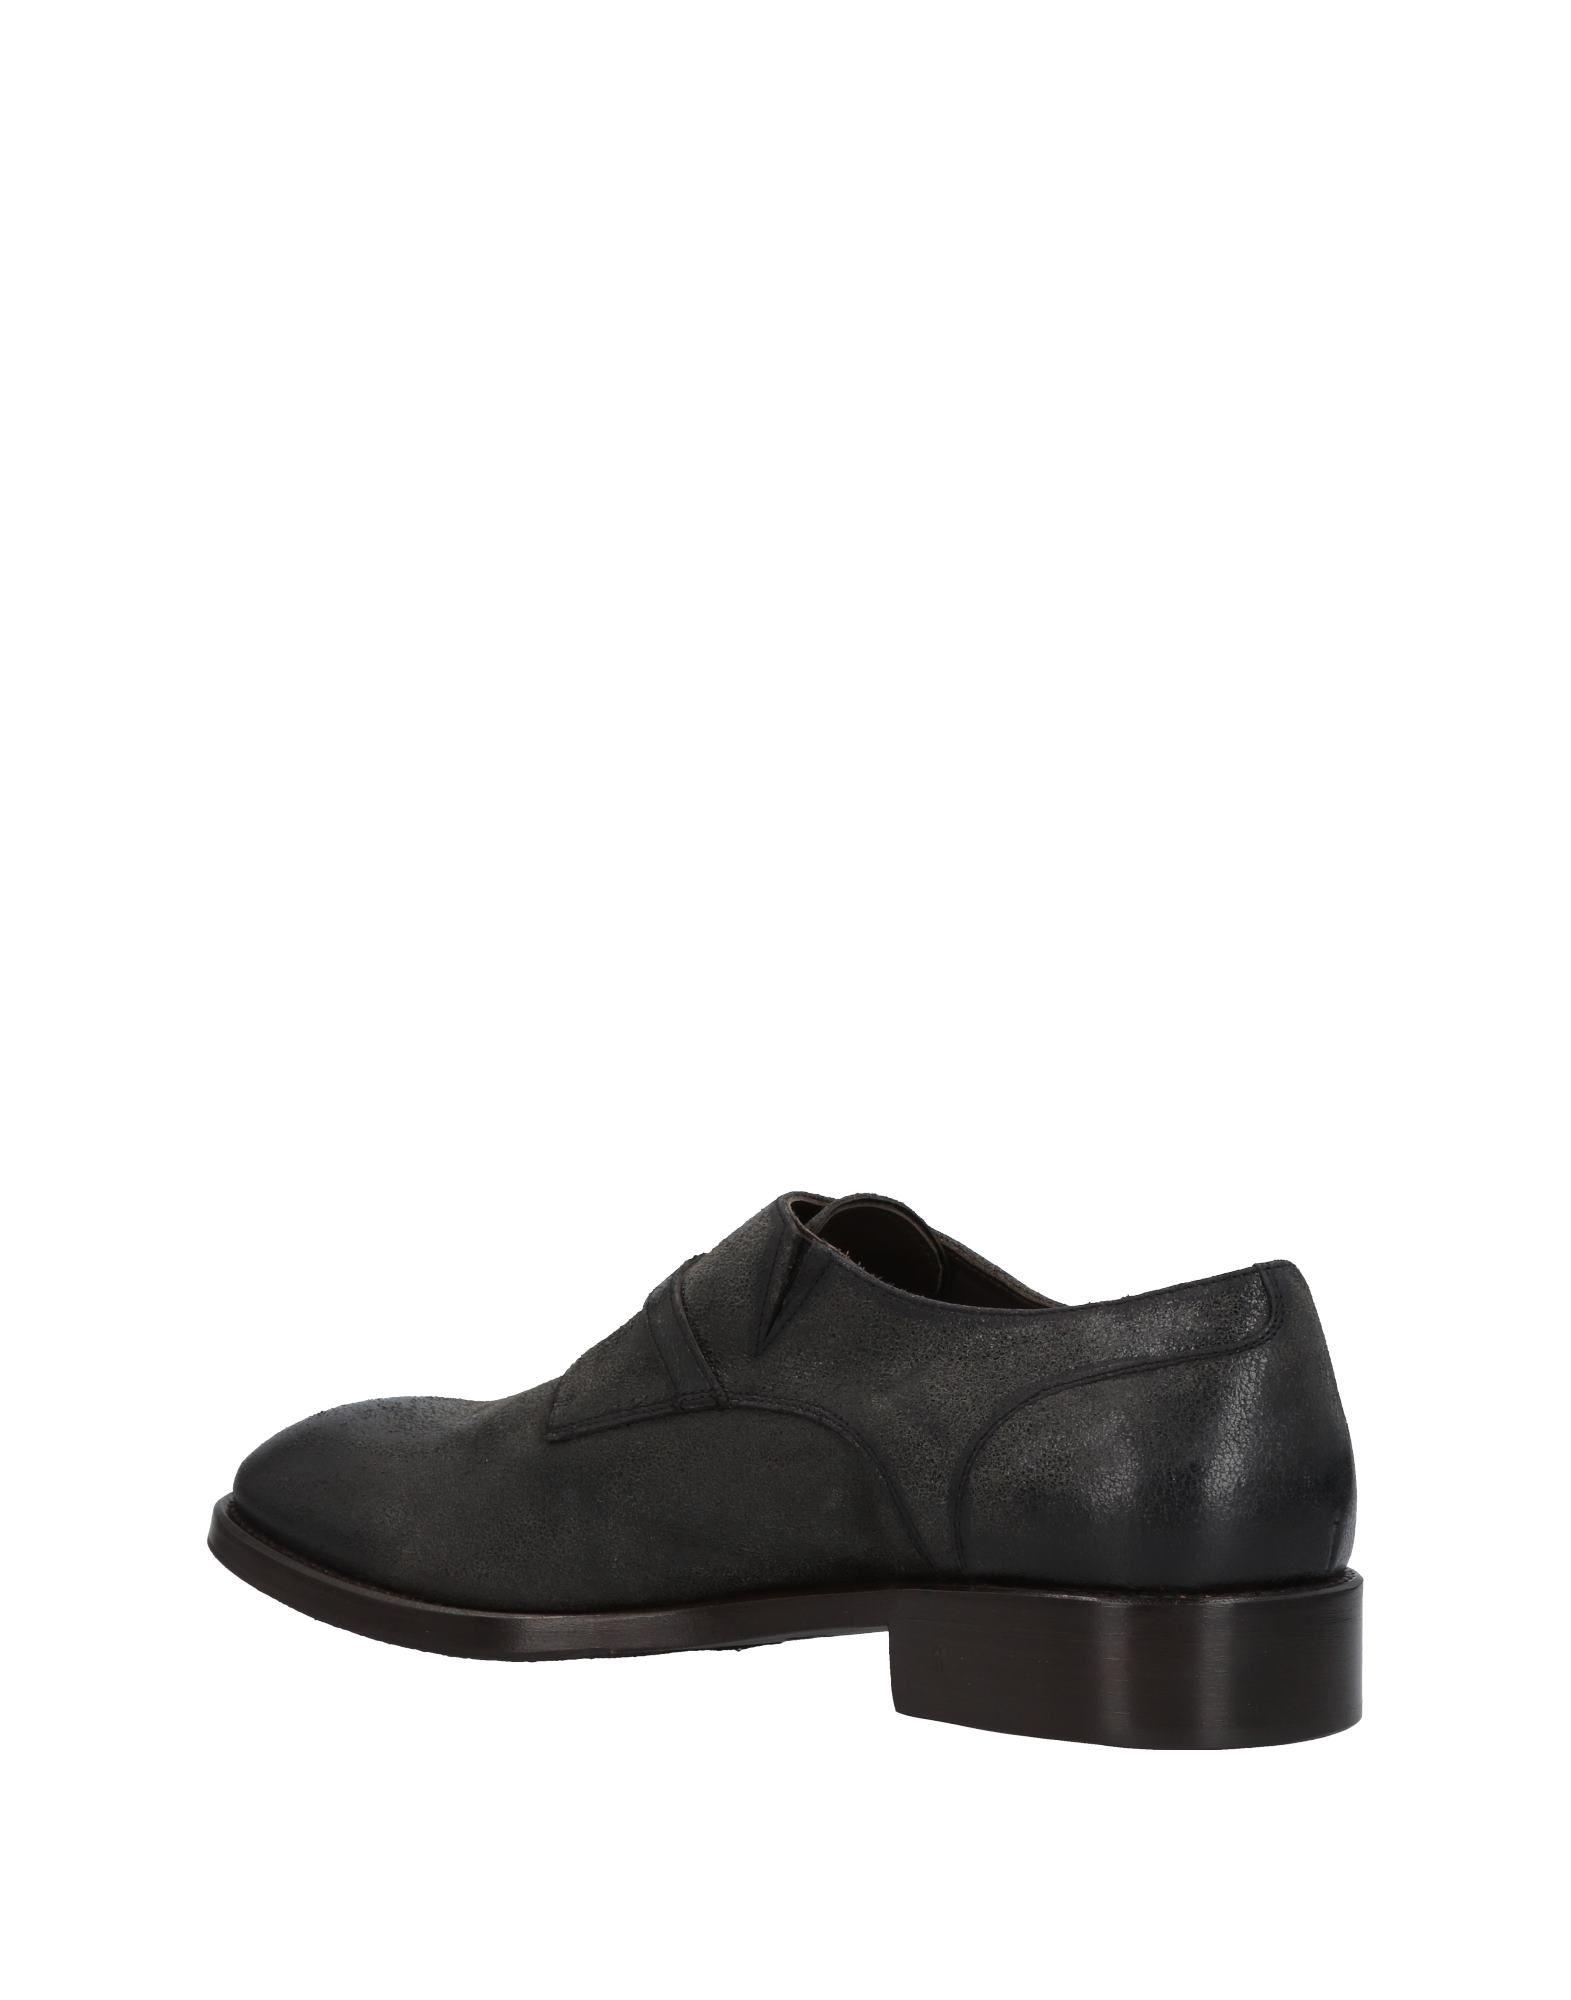 Raparo Mokassins Herren  11459392FA 11459392FA 11459392FA Gute Qualität beliebte Schuhe 401f89